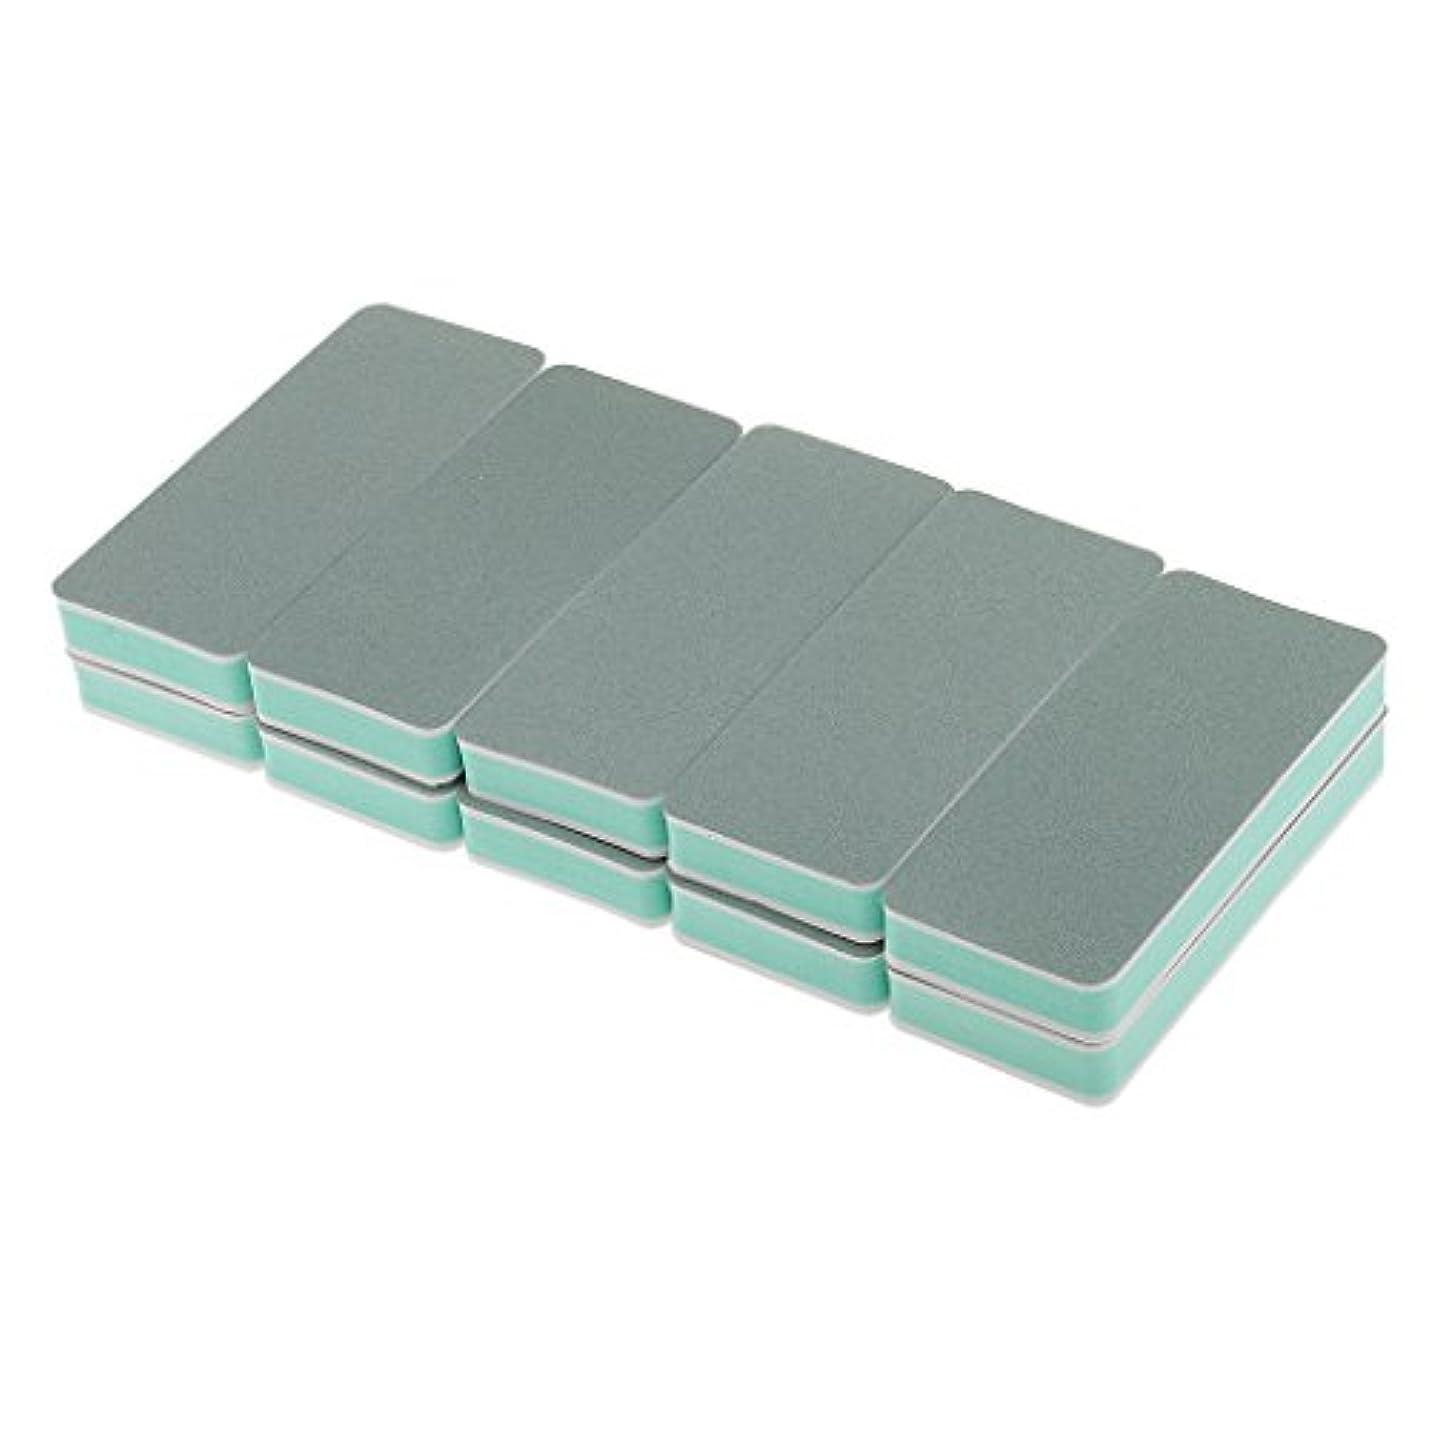 教義シニスランドマークPerfk 10個 プロ仕様 サロン用 爪磨き  ネイル アート マニキュア ペディキュア バッファ サンディング ブロック ファイル